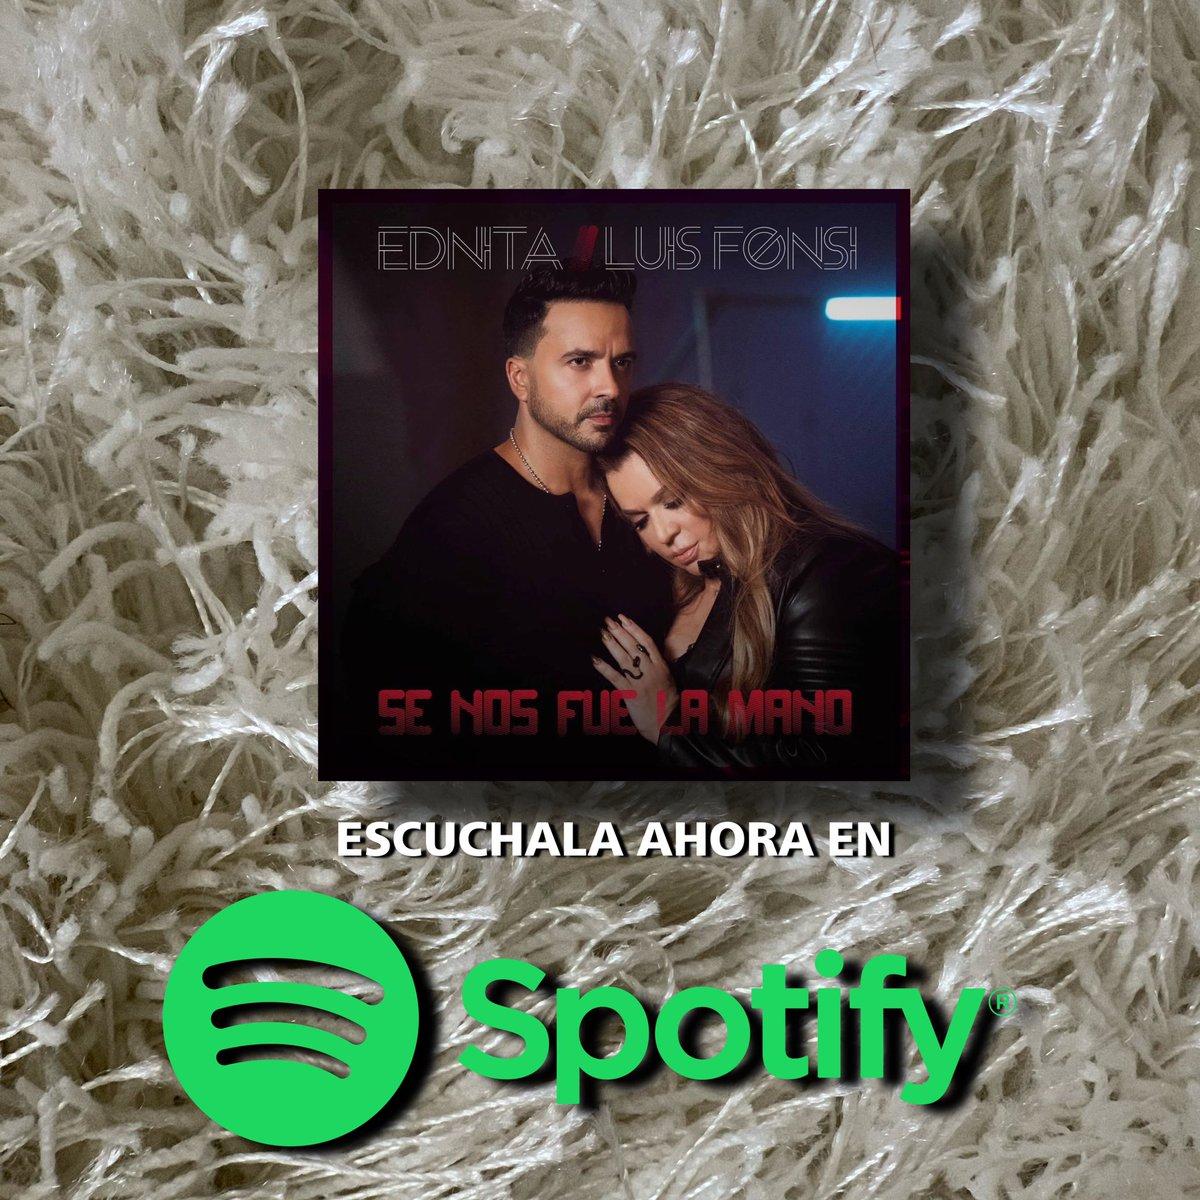 🎧¿Ya la tienes en tu playlist?           🎶Ybeso tras beso🎶  #Spotify:   VIDEO OFICIAL:   #Ednita #EdnitaNazario #LuisFonsi #SeNosFueLaMano #LaMásLoca #ClubAmigosDeEdnita #FanClubOficial #CAE #CAEOrlando #YoSoyCAE @EdnitaNazario